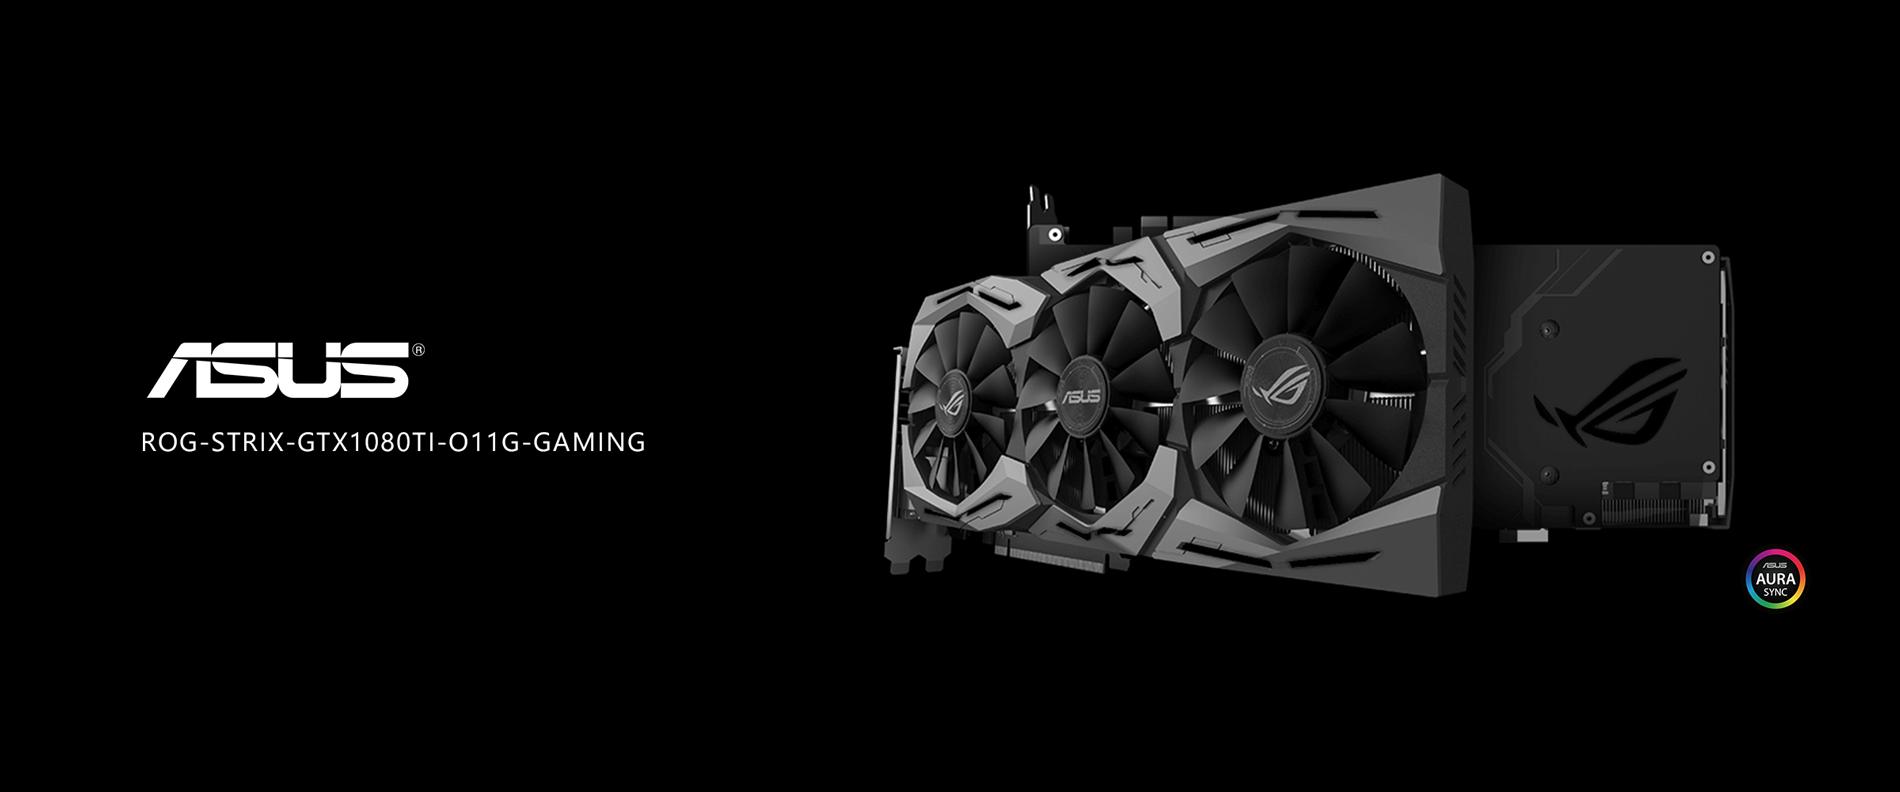 ASUS ROG STRIX GeForce GTX 1080 TI Gaming Graphics Card